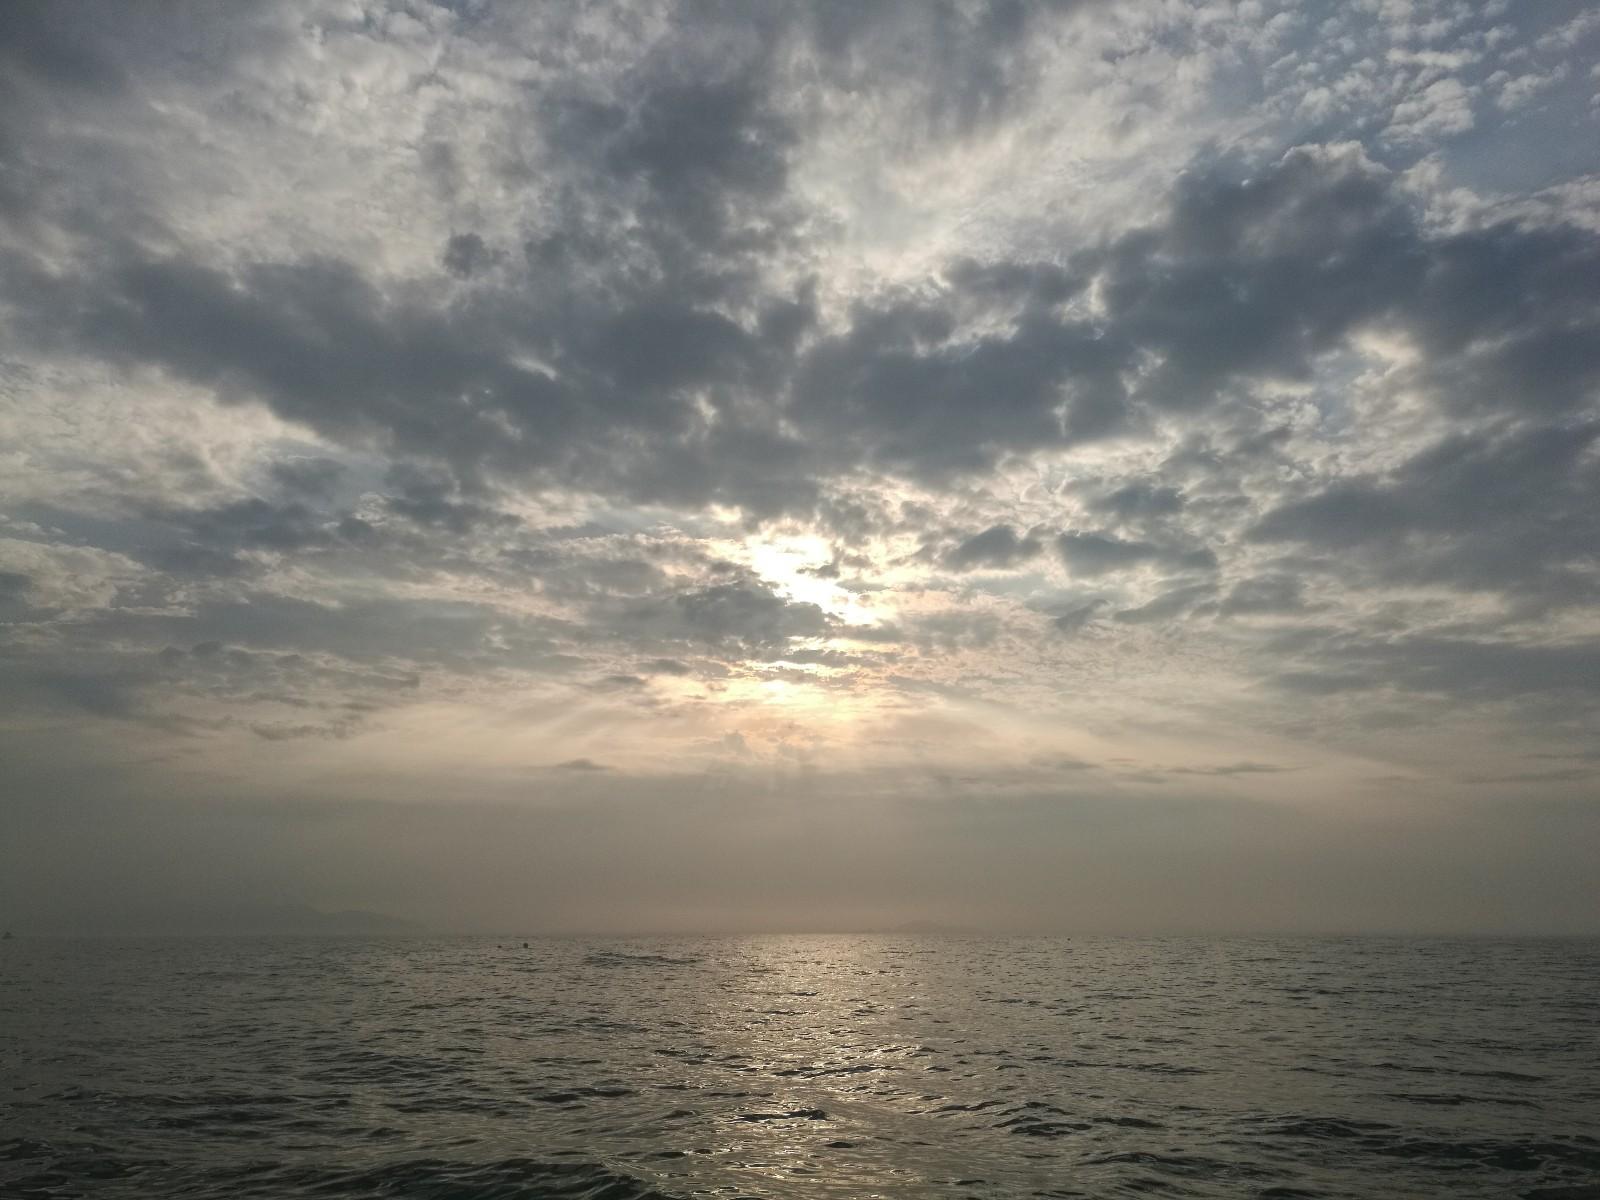 nbsp,岛屿,只能,一样,海域 真正的历练才刚刚开始,航海就是挑战自己——唐山号返航记(中篇)  102940pv4ynlny